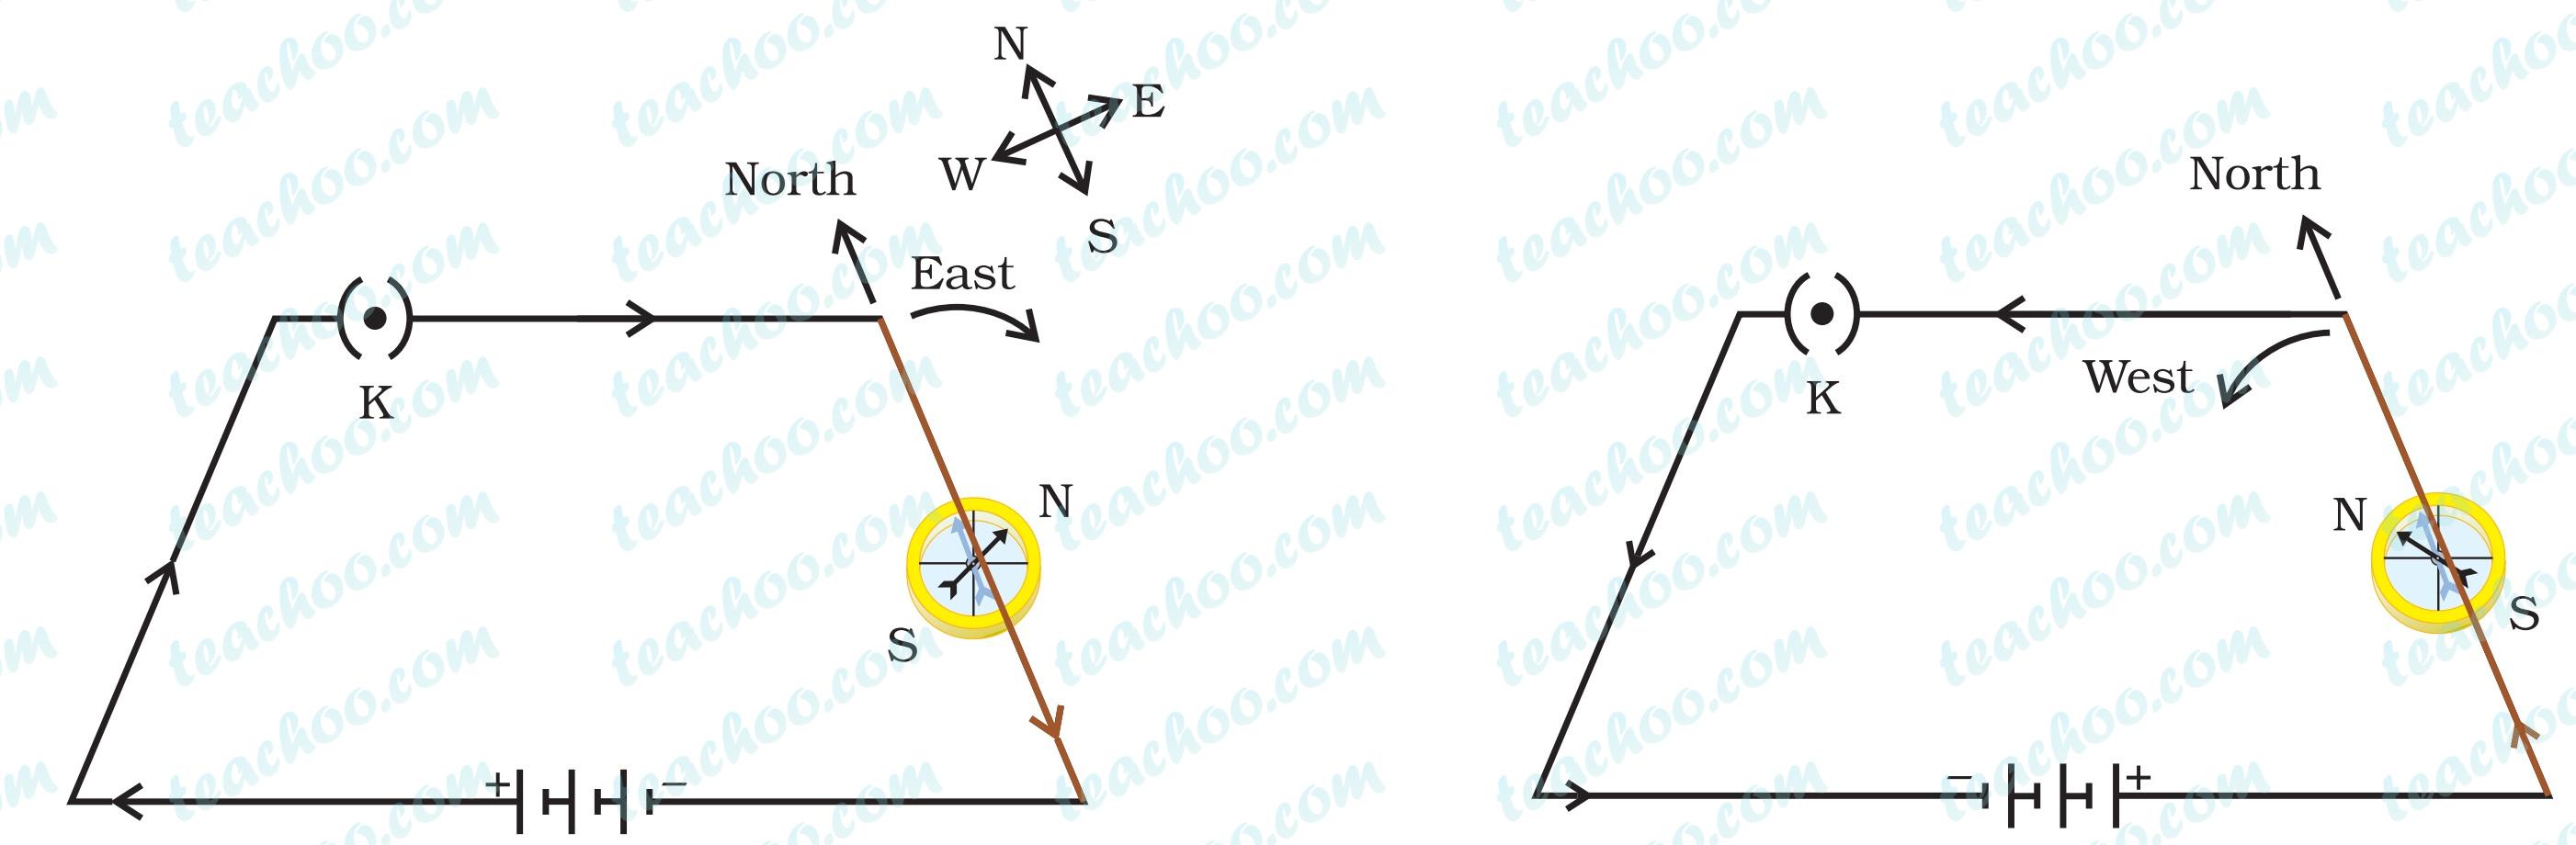 sheet-2-figure-13.5-ncert.jpg